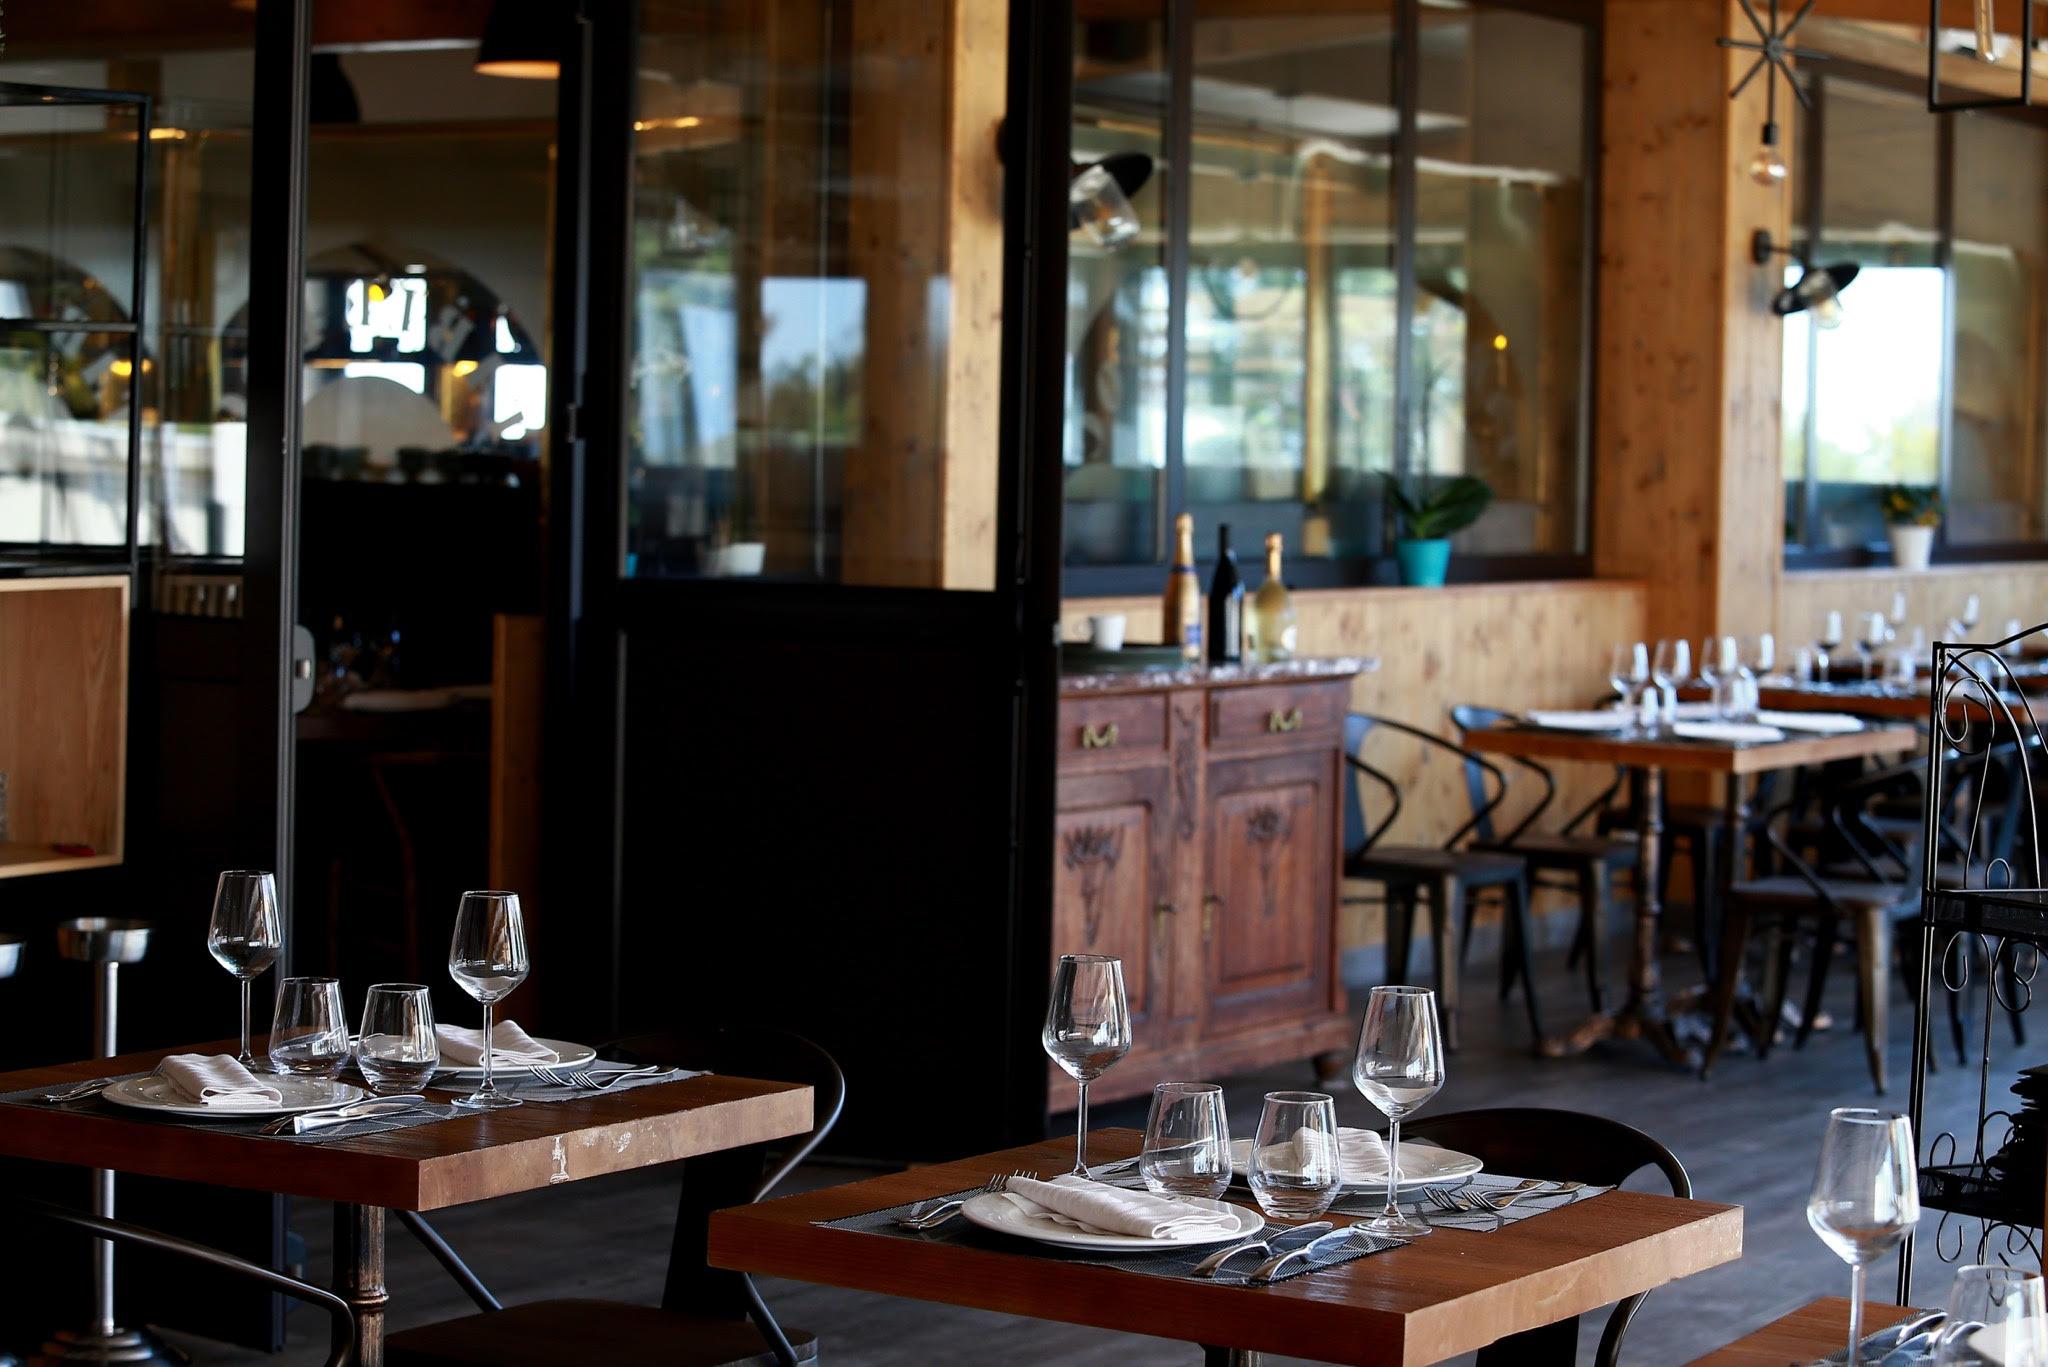 Table D Oc Buffet A Volonte Sete